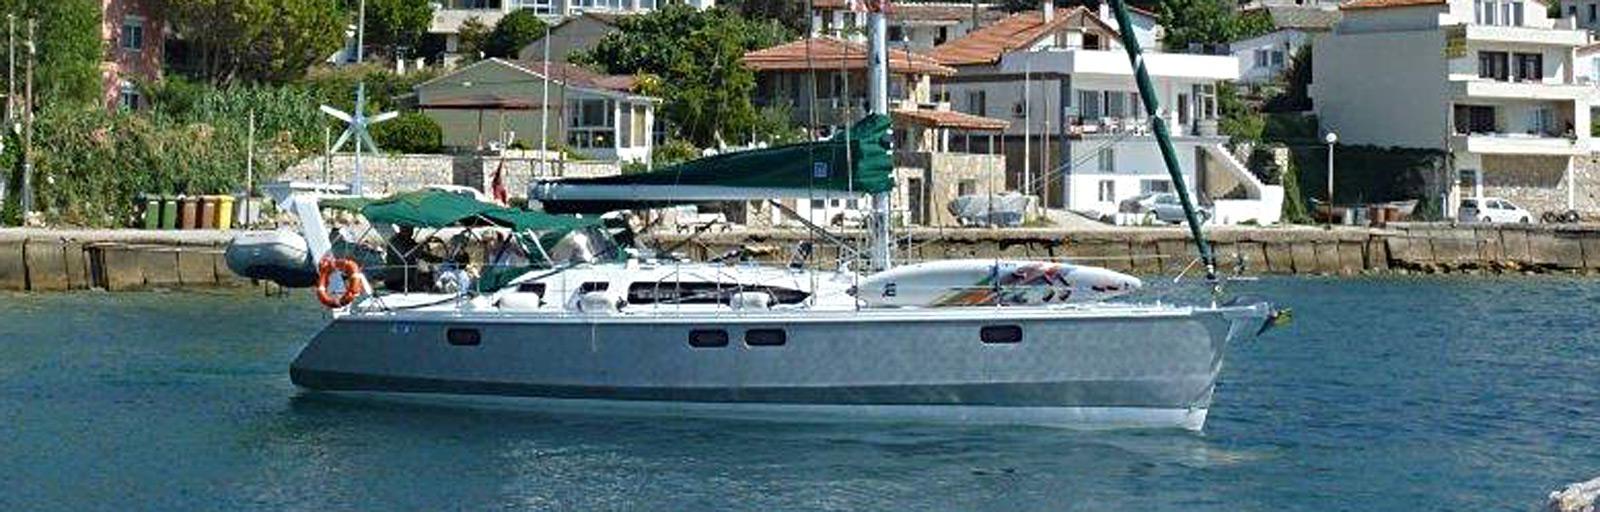 OVNI 395 dériveur intégral aluminium alu